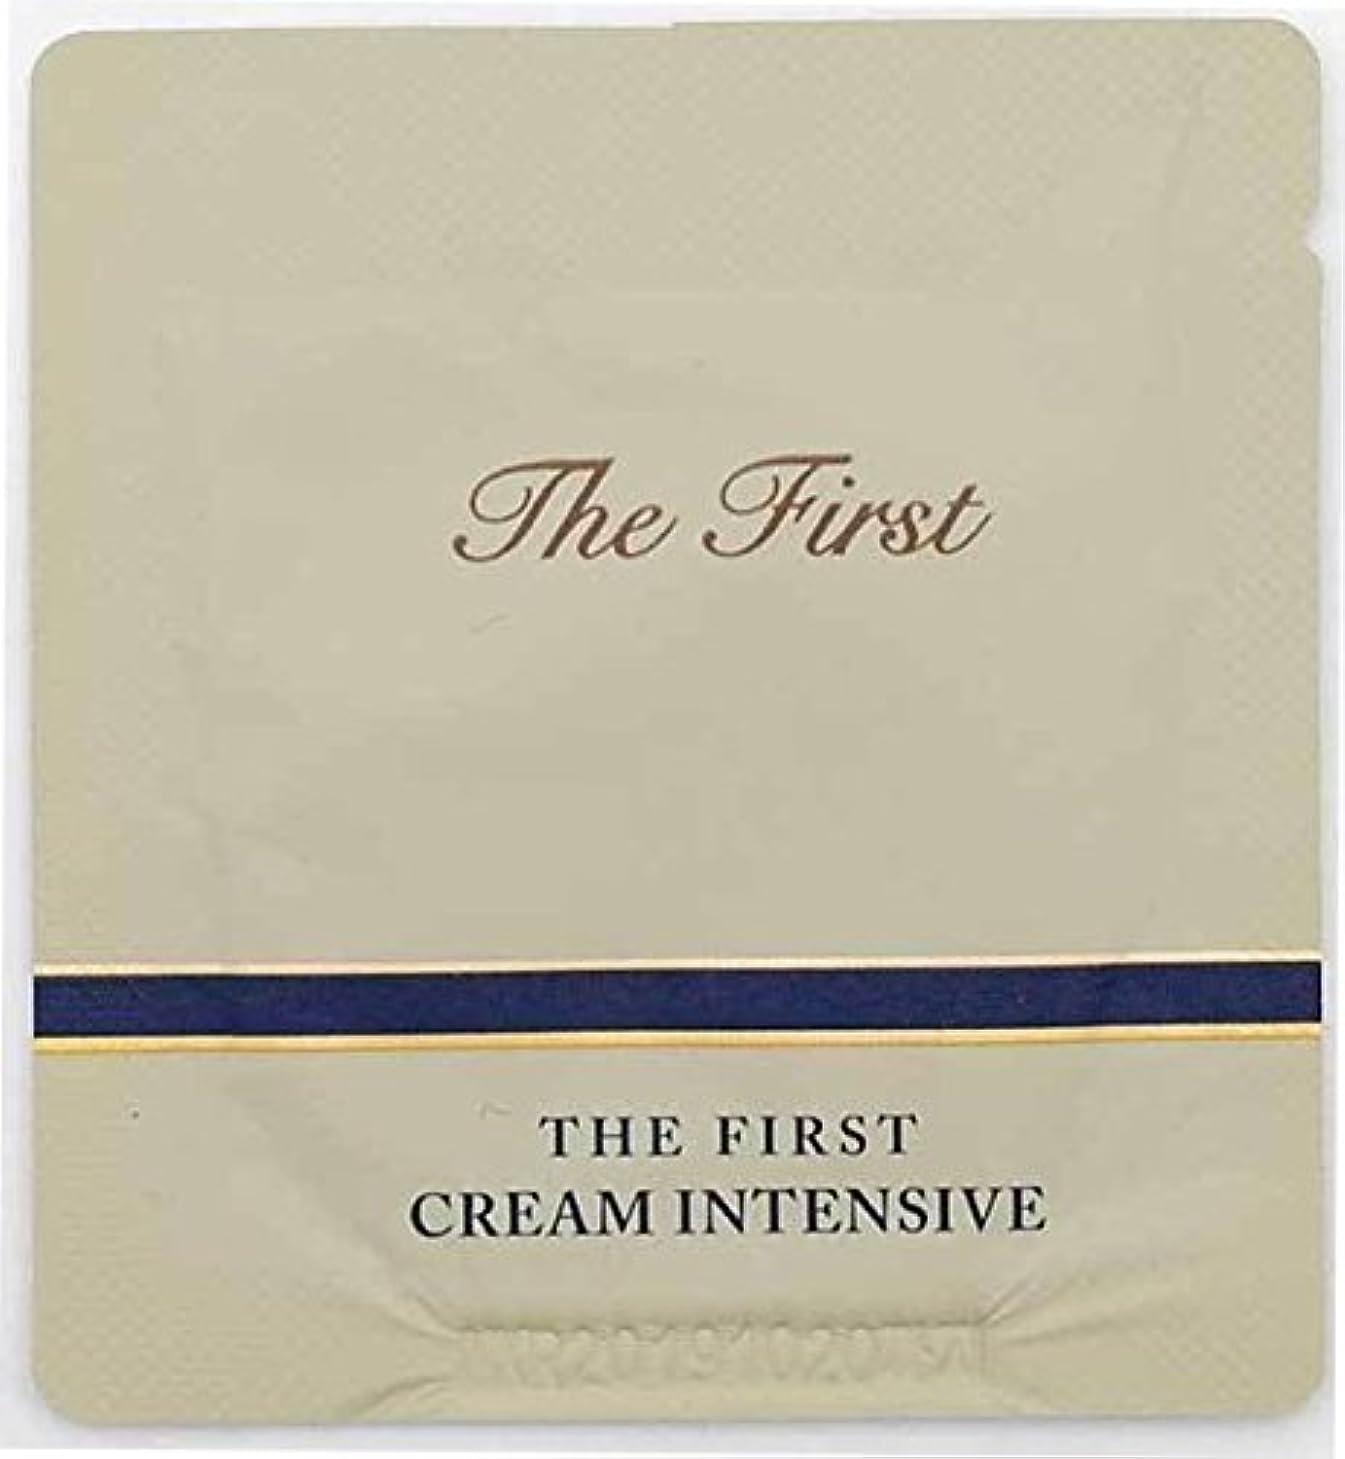 オーロック適度な快適[サンプル] OHUI The First Cream intensive 1ml × 30ea/オフィ ザ ファースト クリーム インテンシブ 1ml × 30個